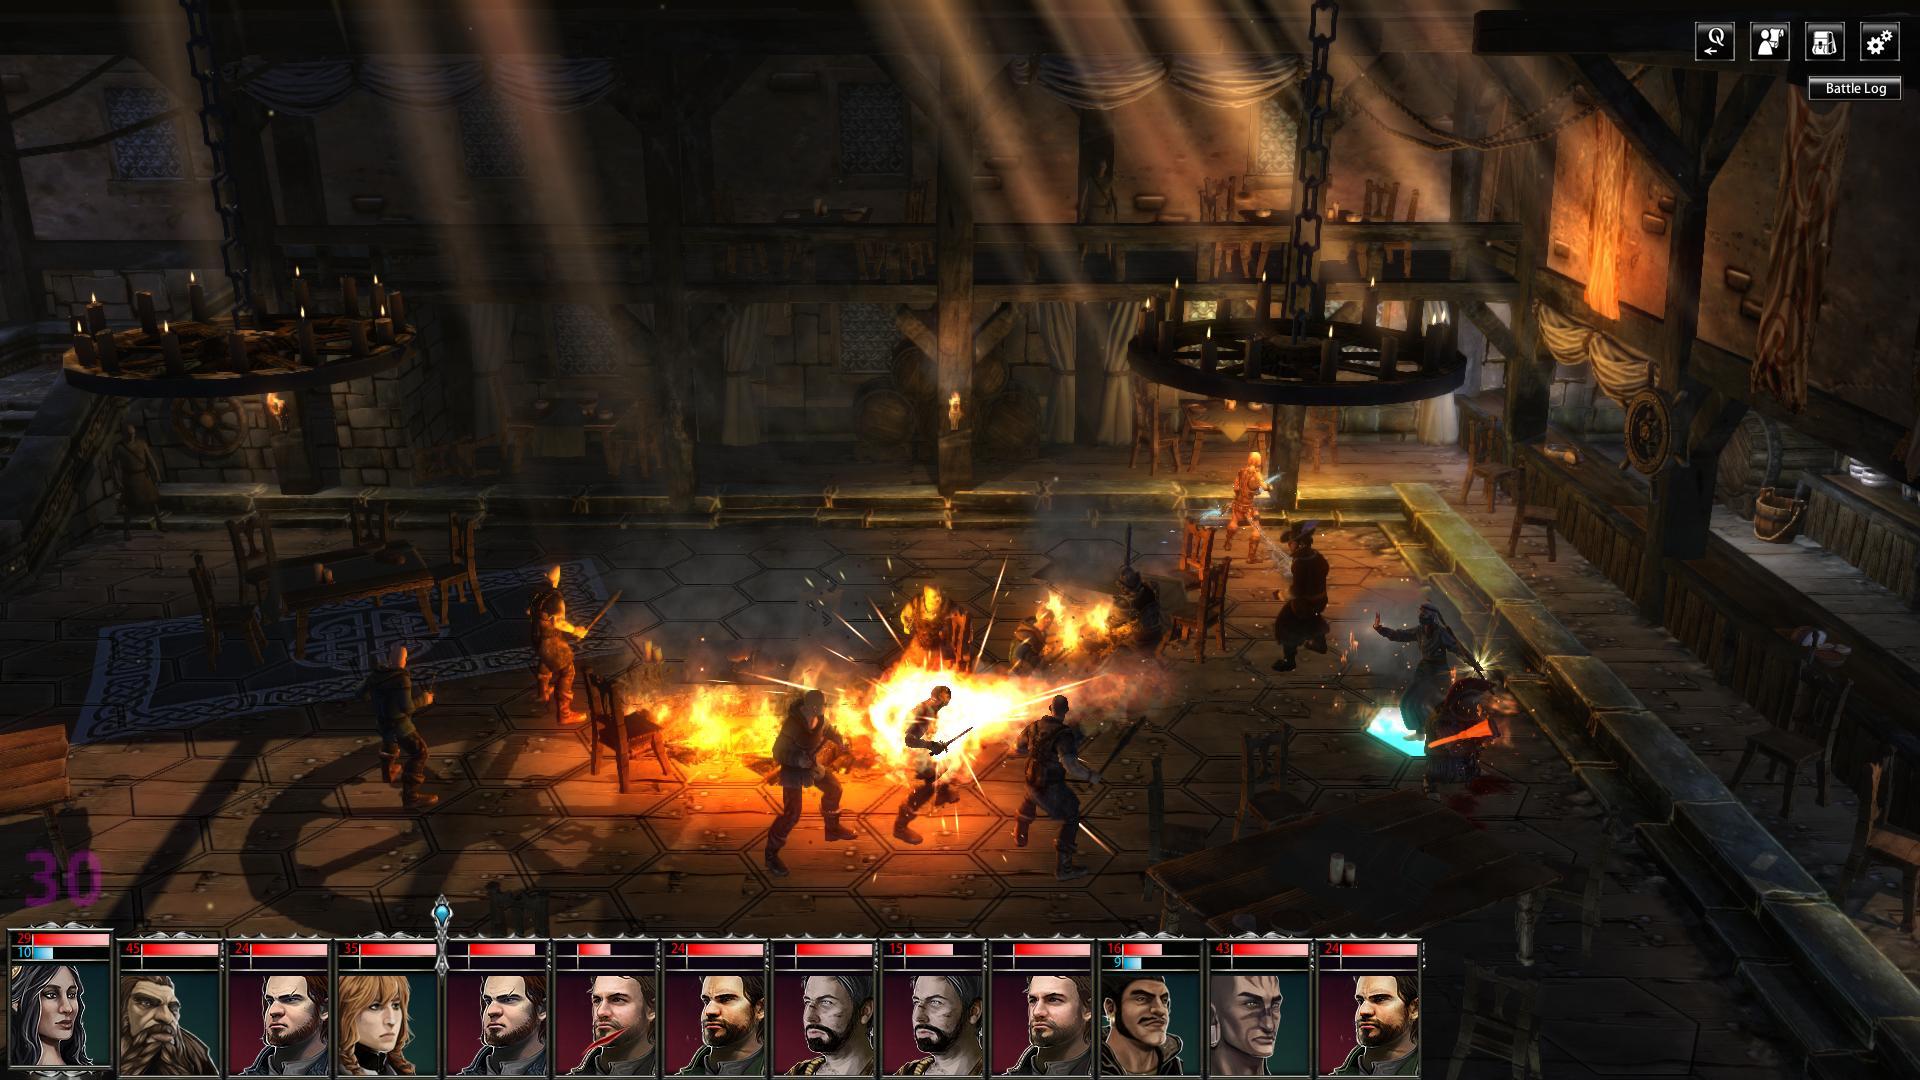 Скриншот Blackguards [v.1.7.23231 + DLC] (2014) PC